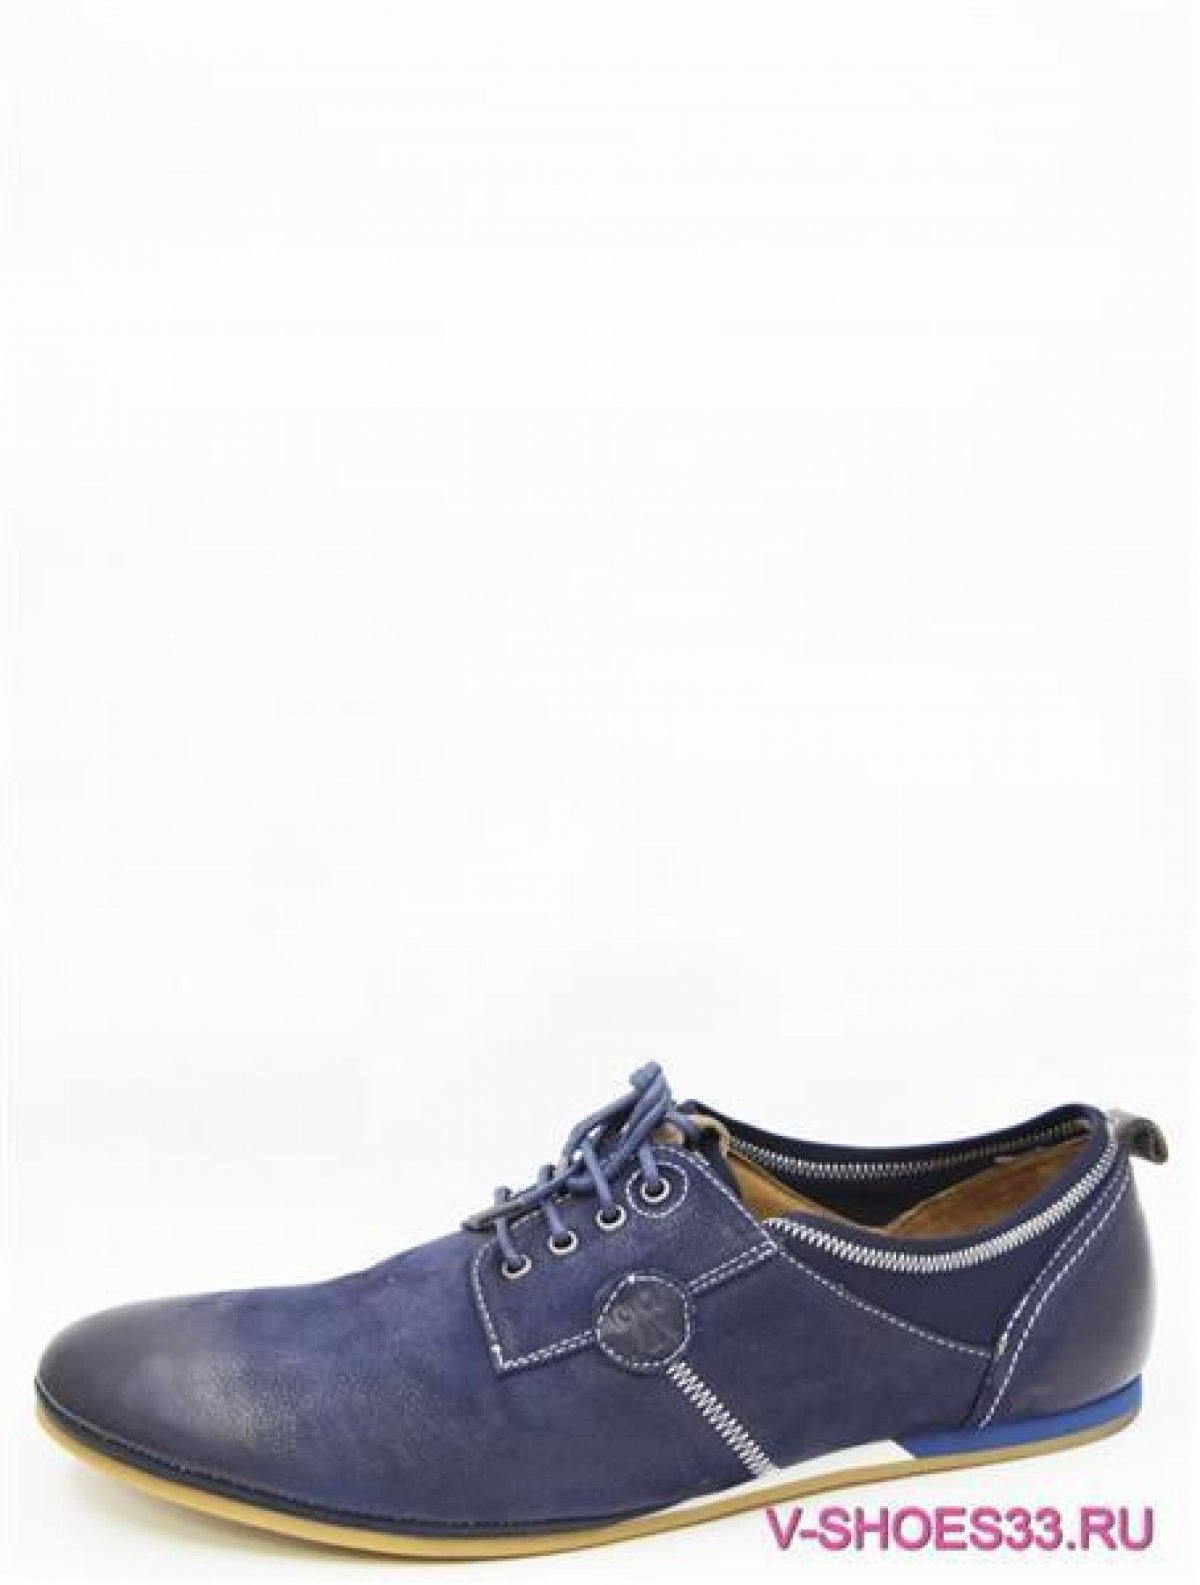 Respect V83-075947 мужские туфли